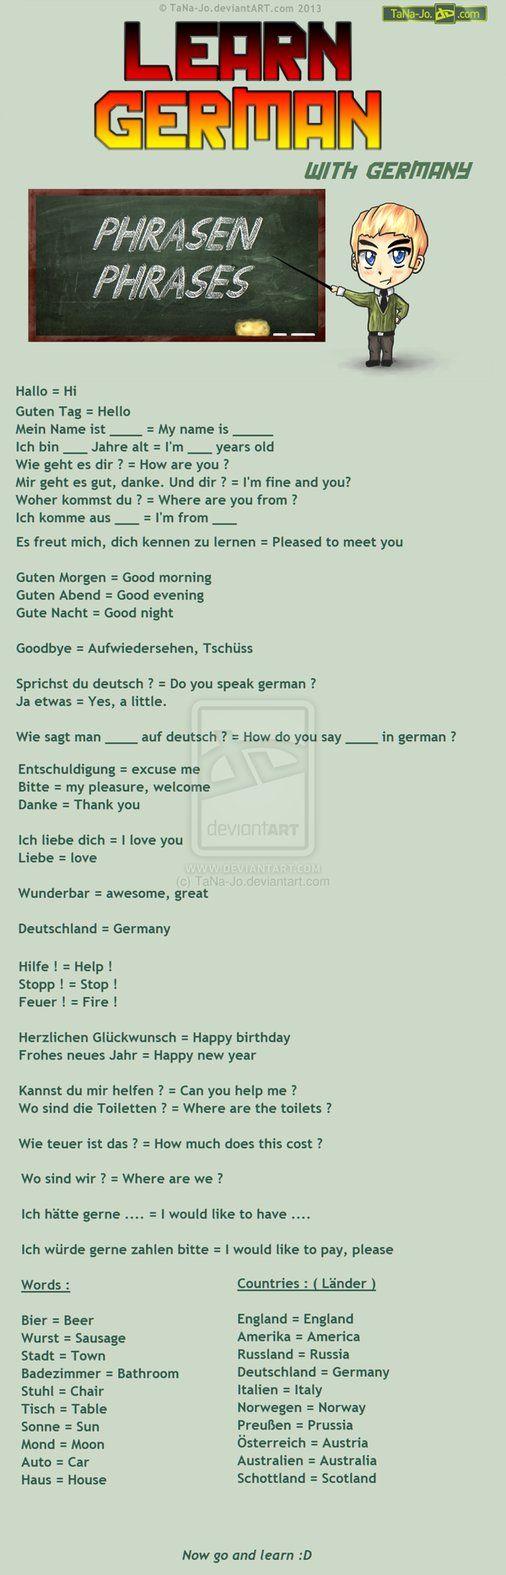 Learn German Phrases German Phrases Learn German German Language